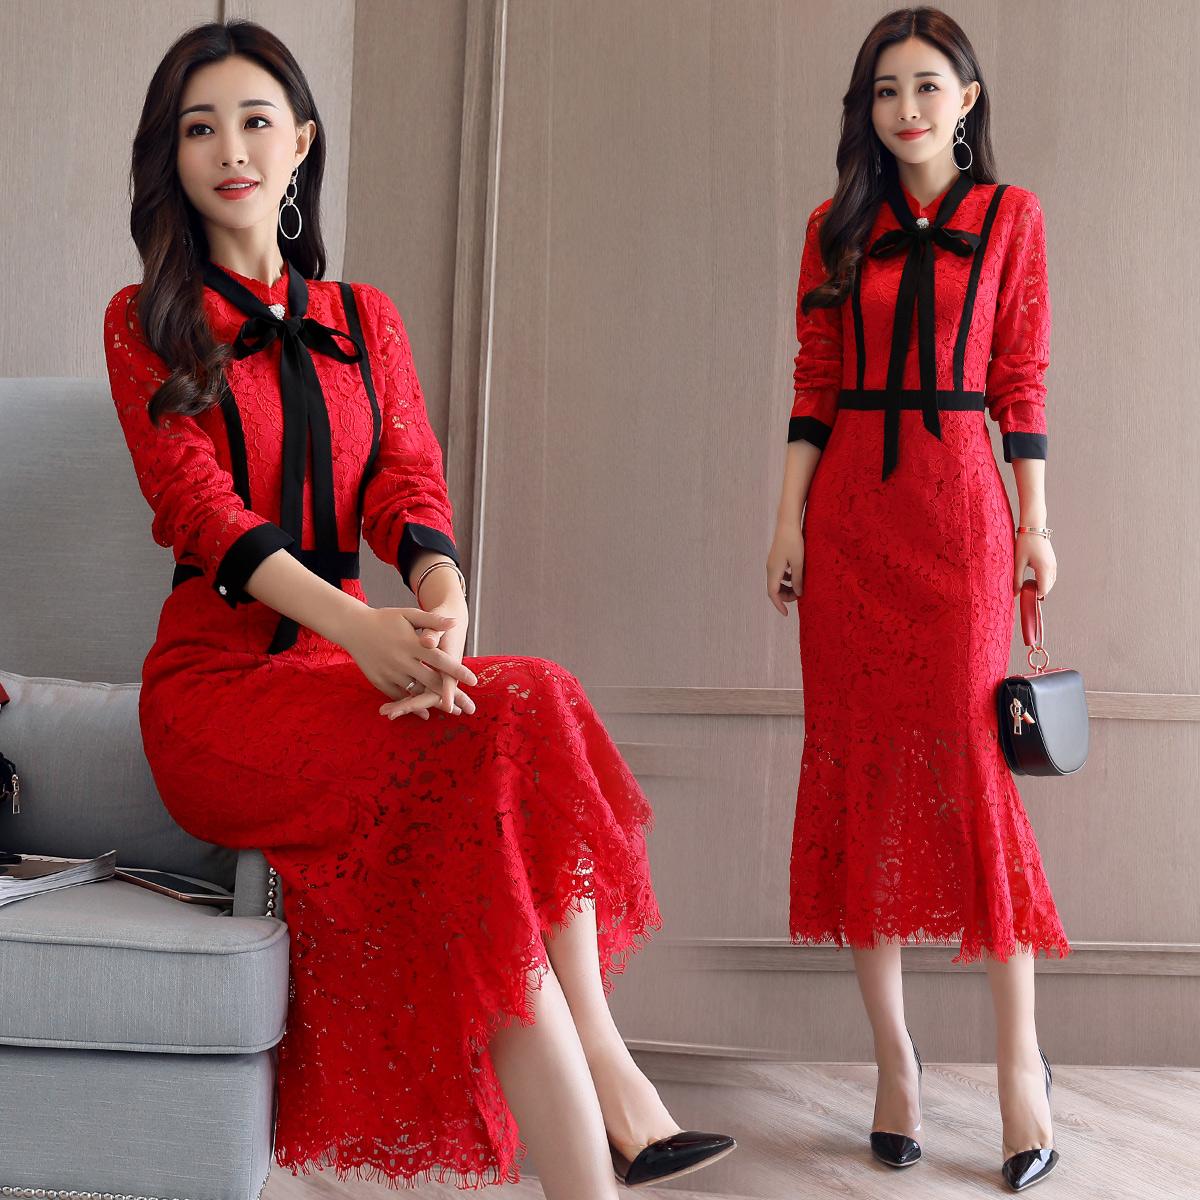 秋冬女装高端蕾丝红色连衣裙伴娘结婚新娘装敬酒订婚礼服回门衣服